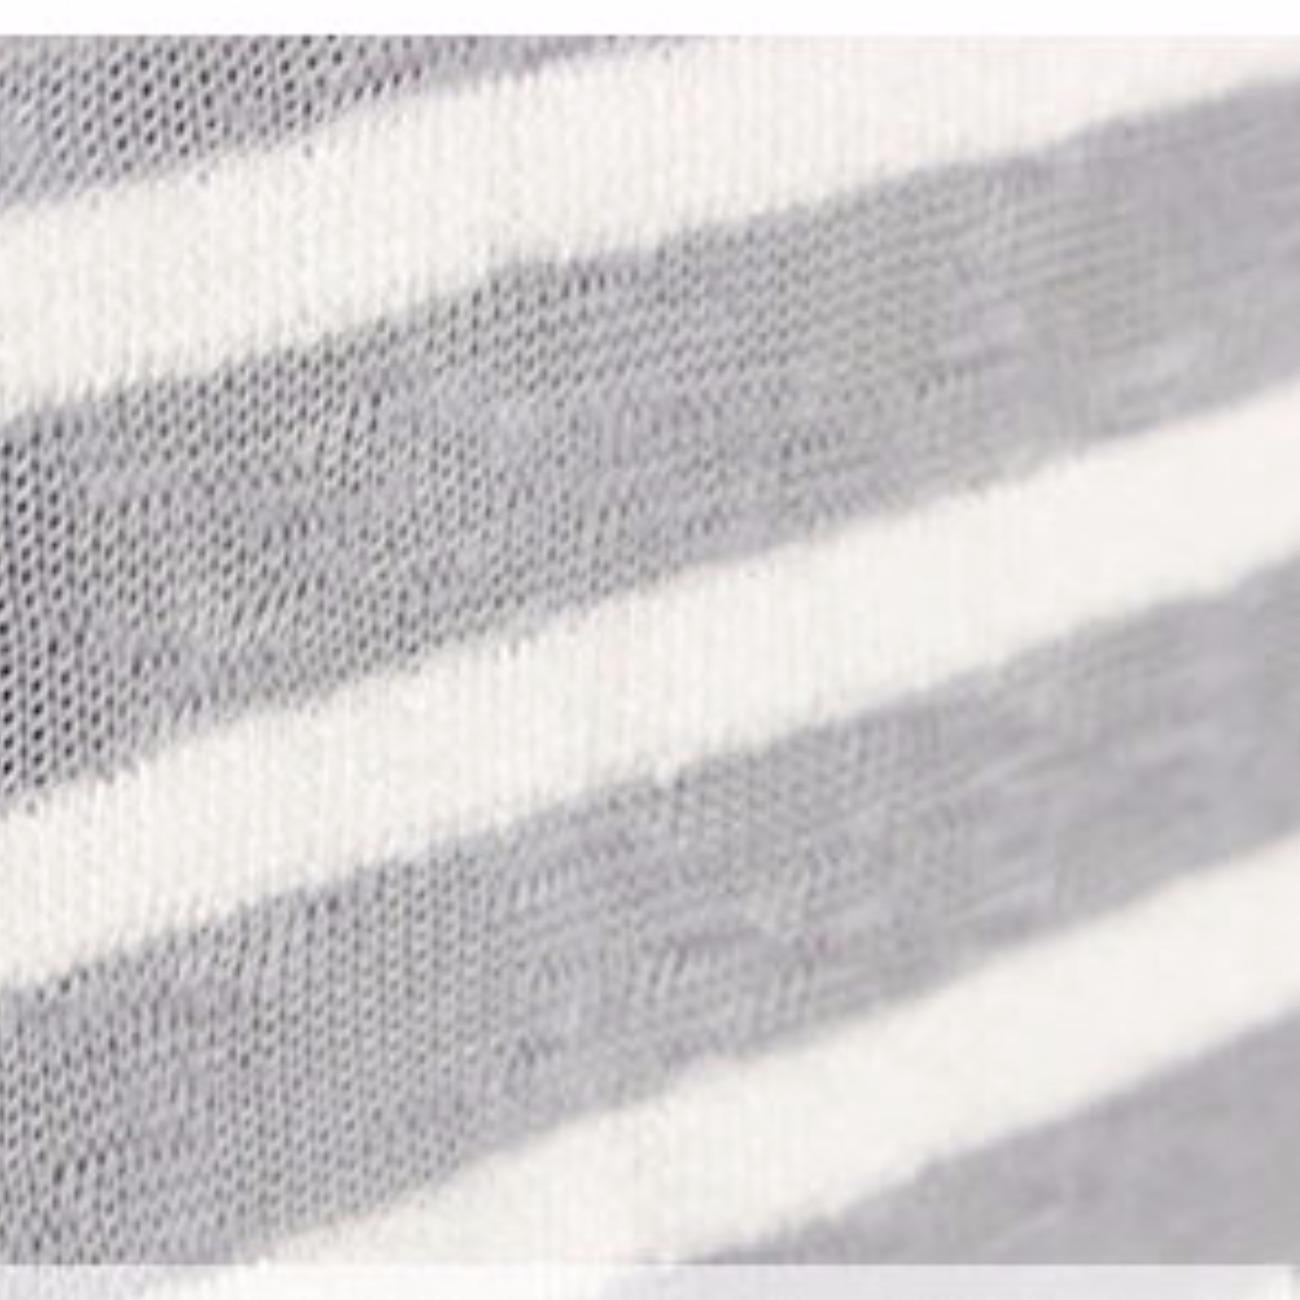 厂家直销单面条纹防晒衫布料 春夏季新款条纹微透空调衫针织面料